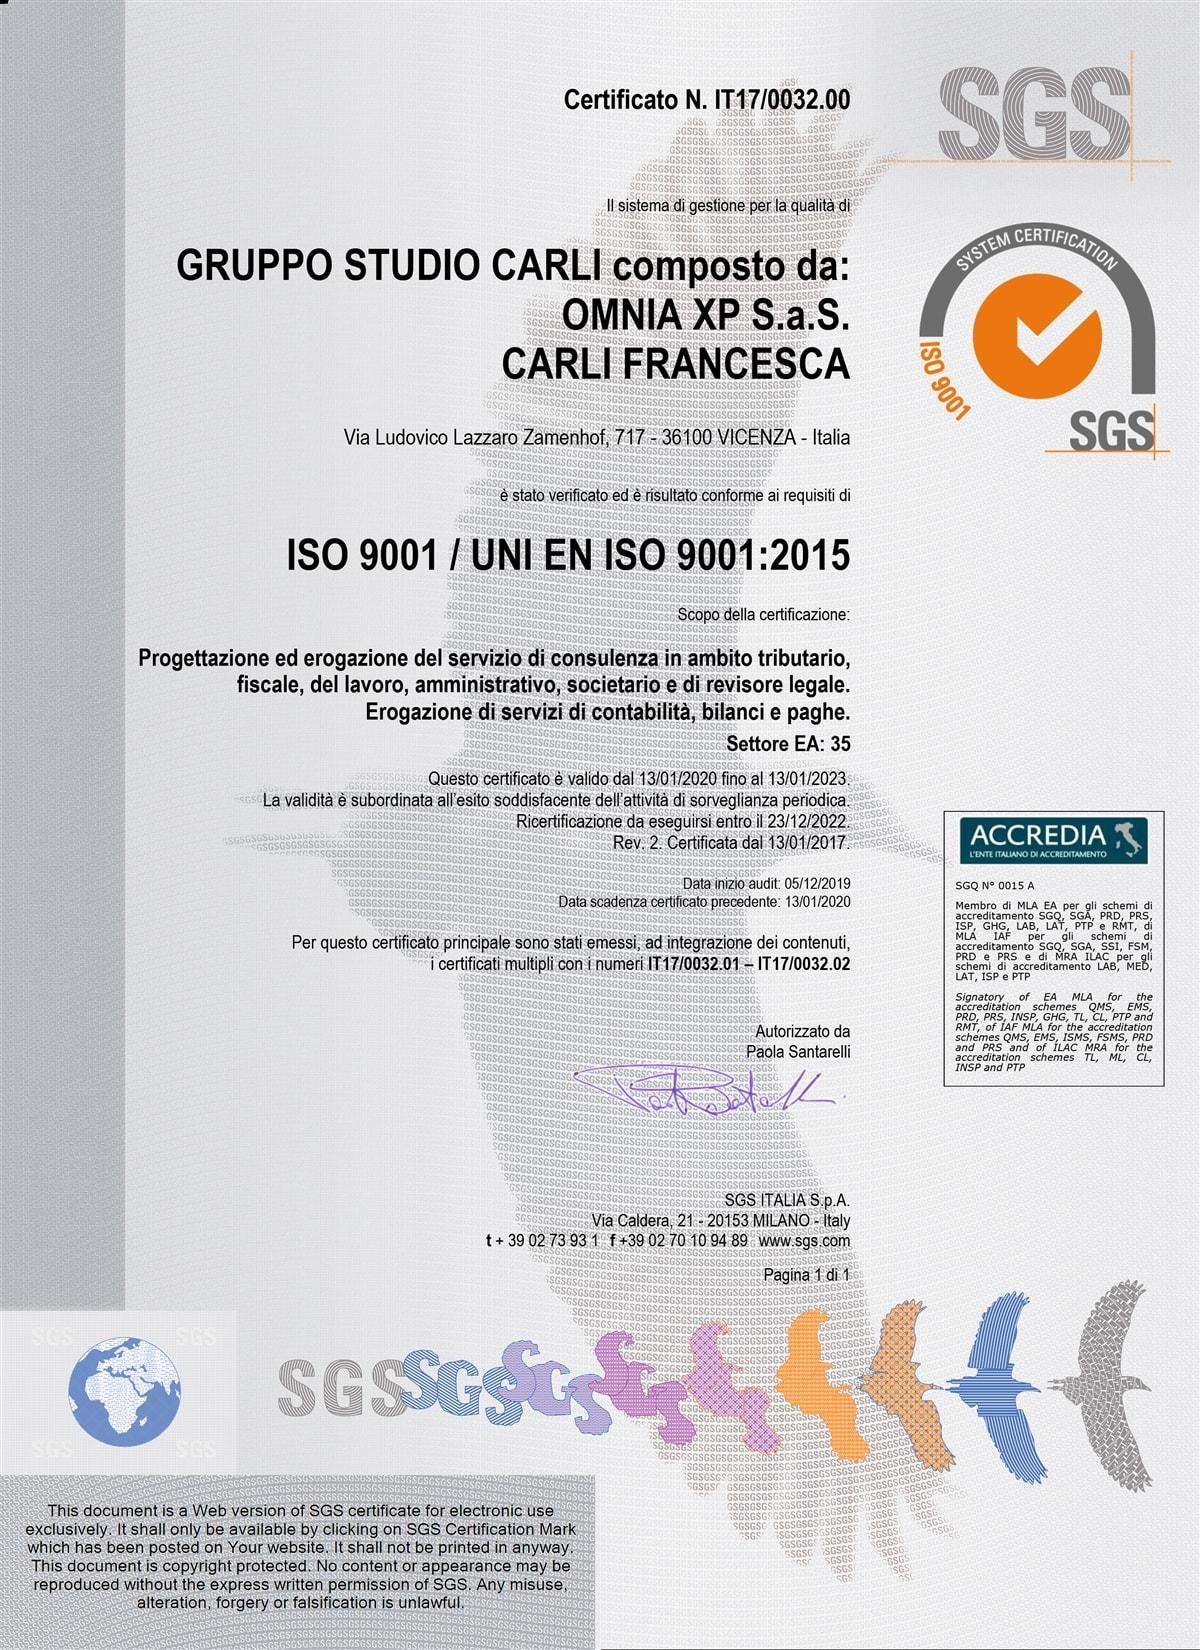 Certificato qualità SGS N IT17003200